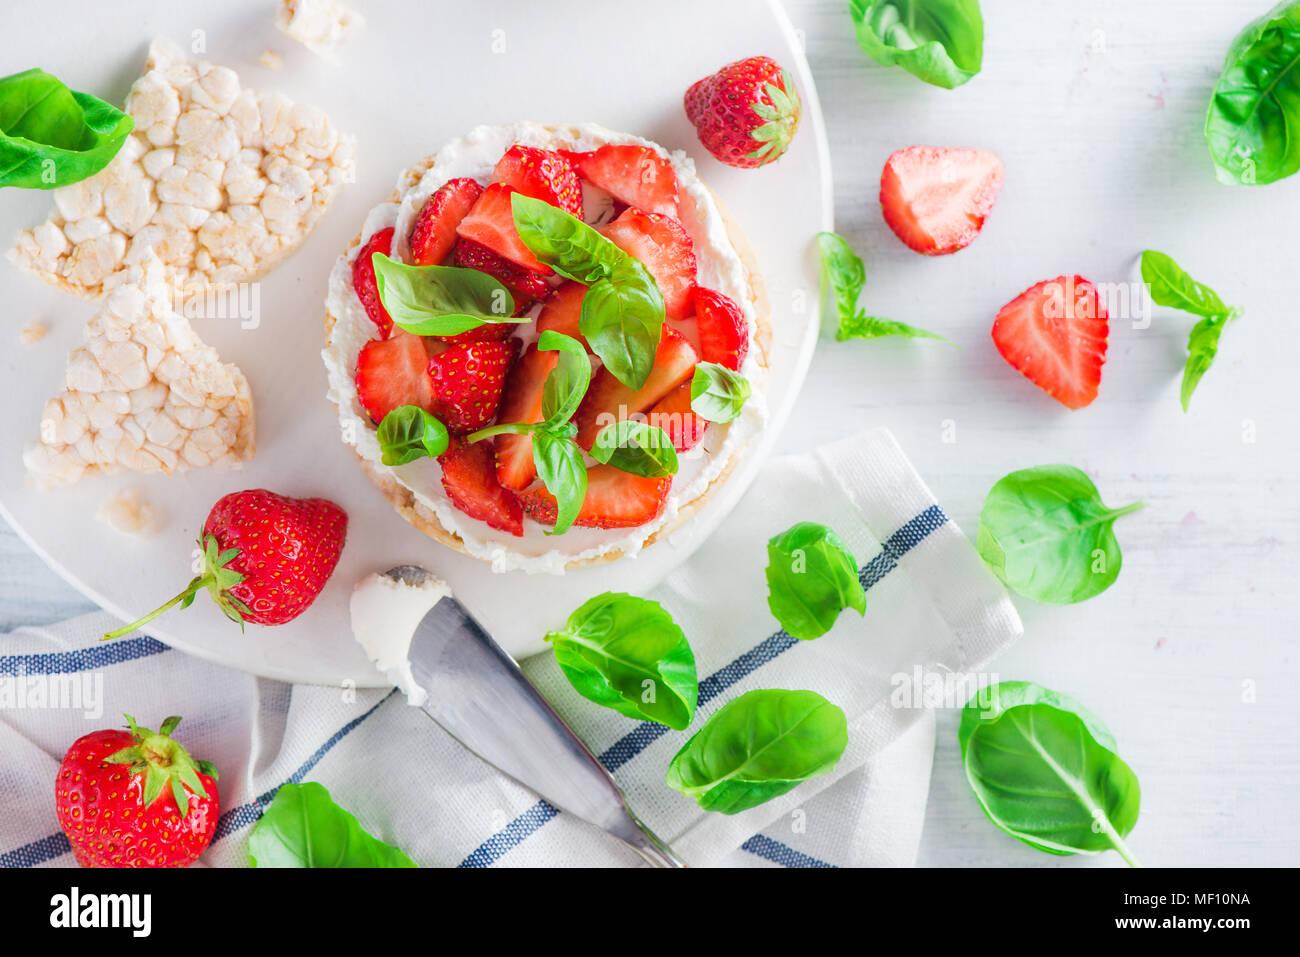 Collation santé avec des fraises fraîches, pain, fromage de chèvre, et les feuilles de basilic. Entrée facile recette. Photo Stock